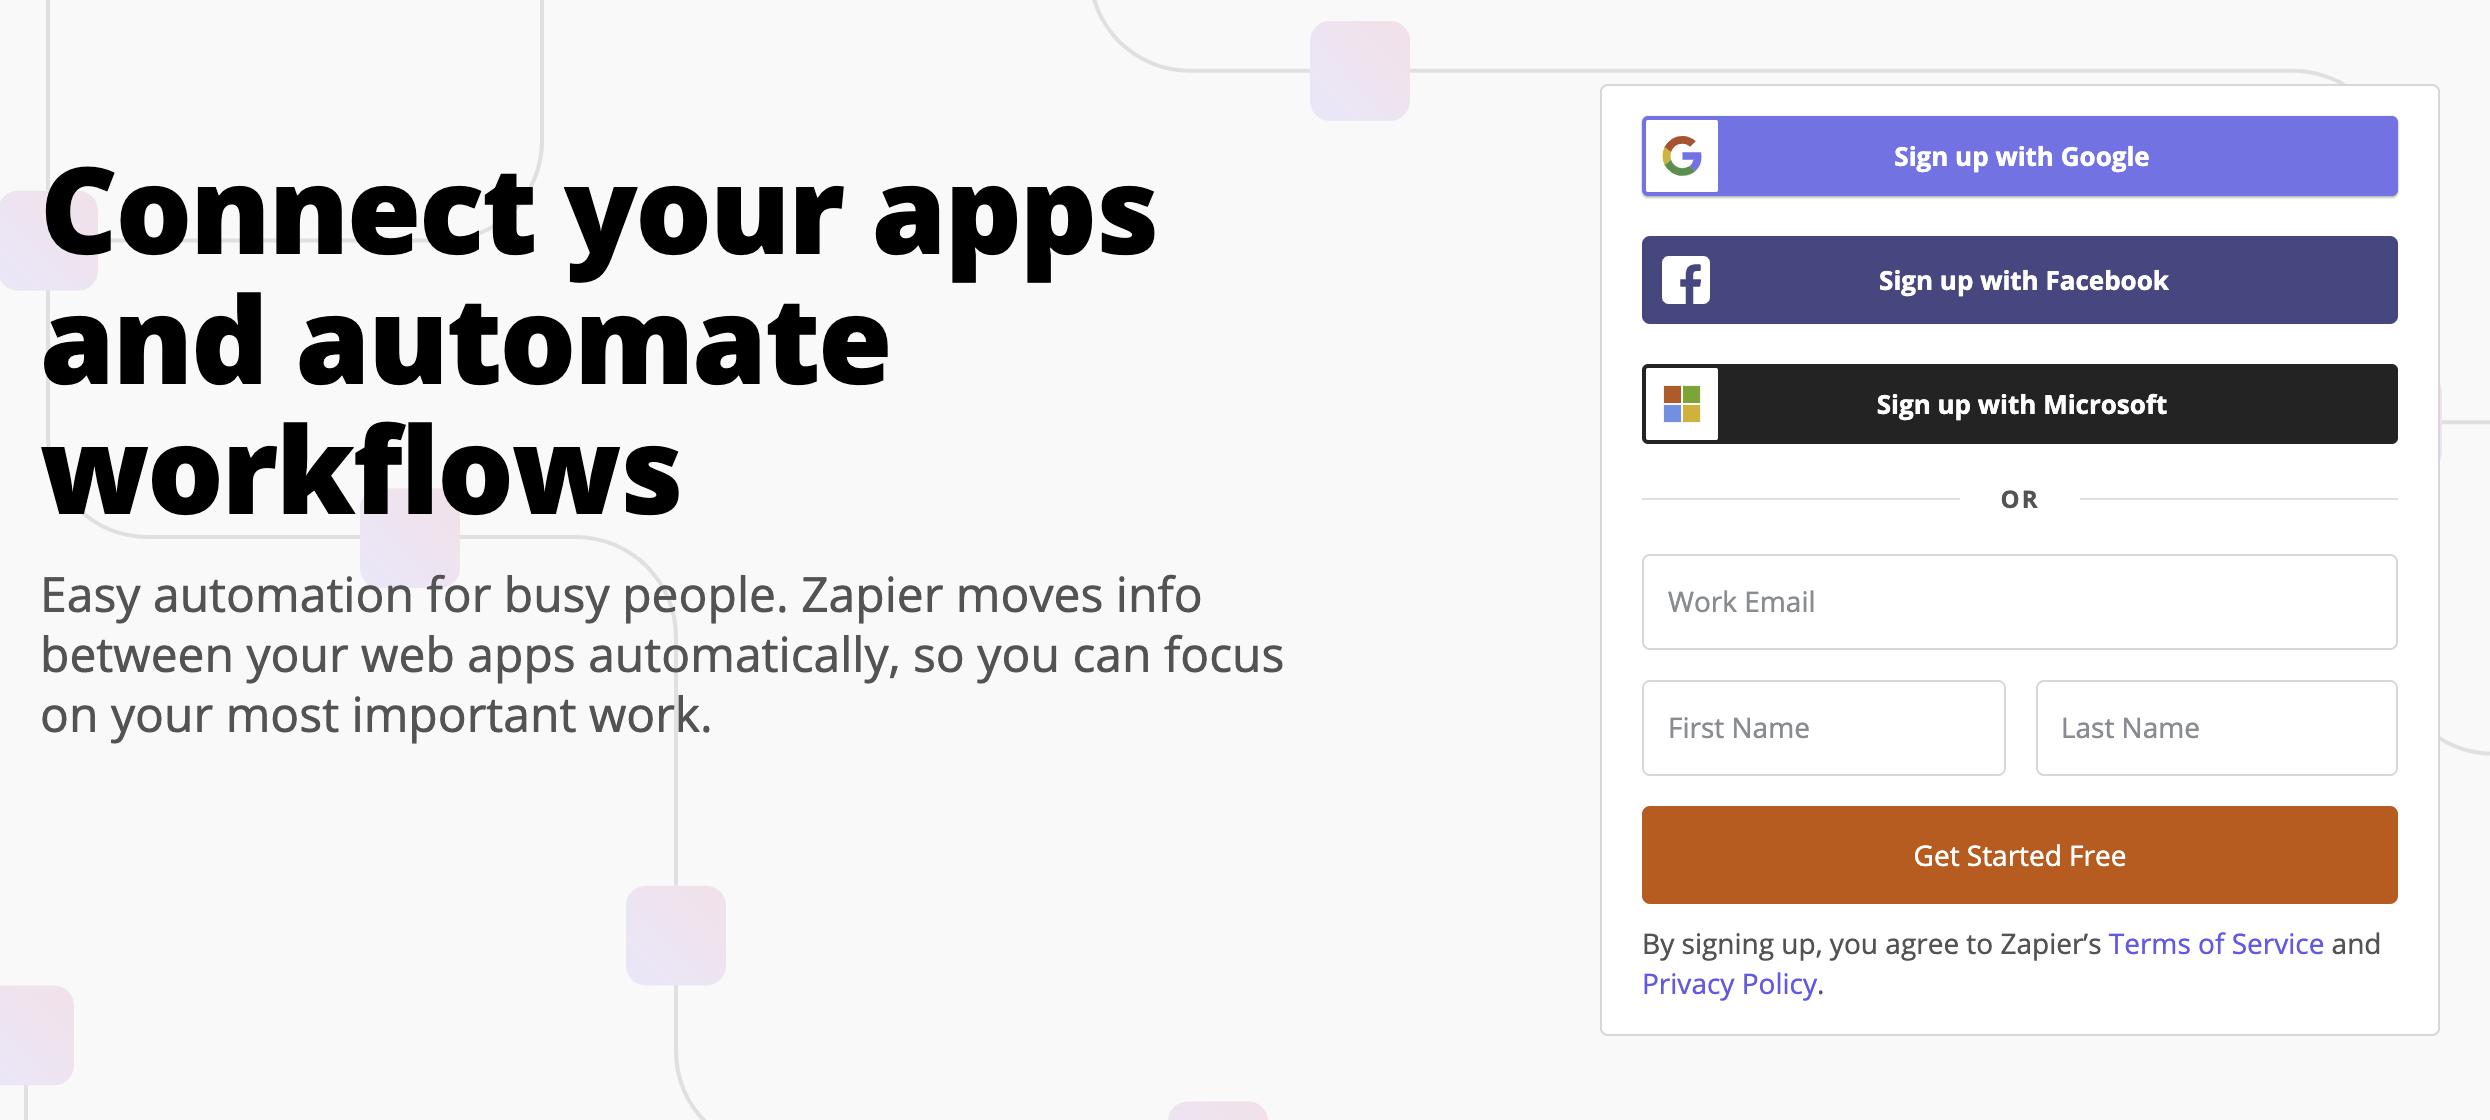 【業務自動化】Zapierの使い方を紹介!アプリを連携して効率よく作業しよう!